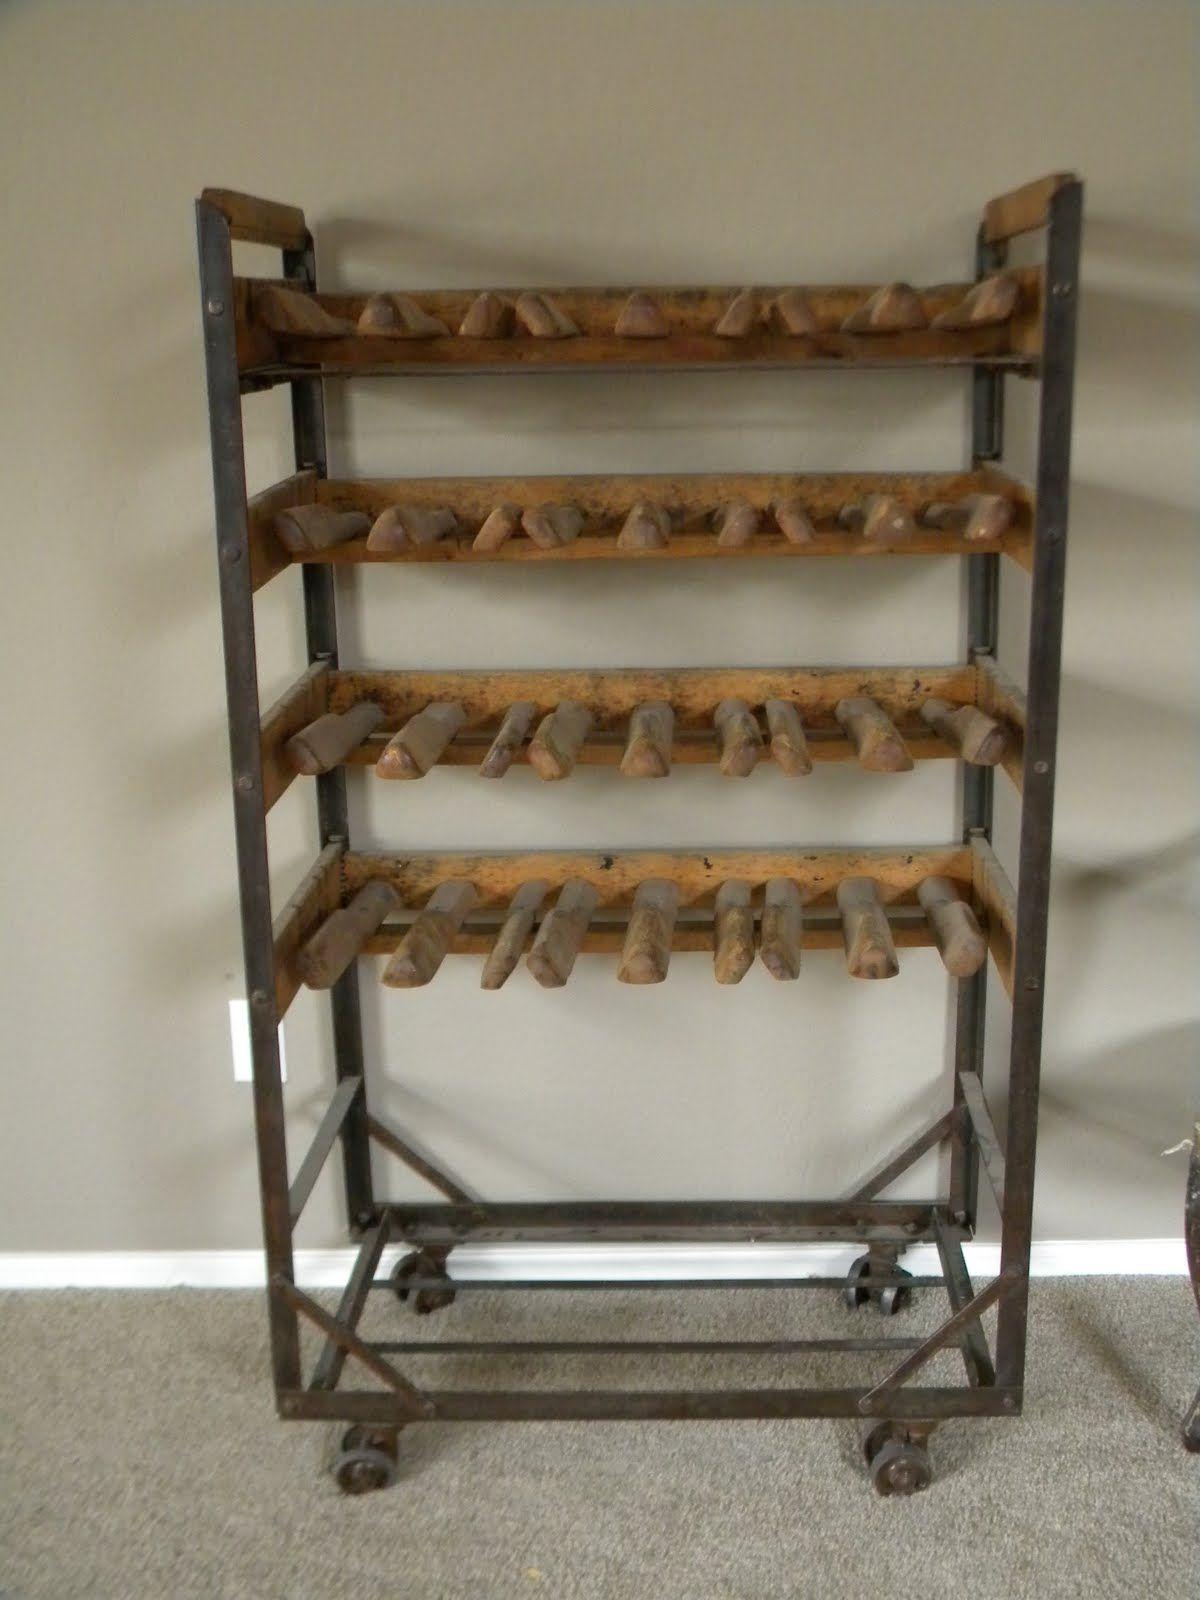 Antique shoe rack. - Antique Shoe Rack. Shabby Chic Pinterest Antiques, Shoe Rack